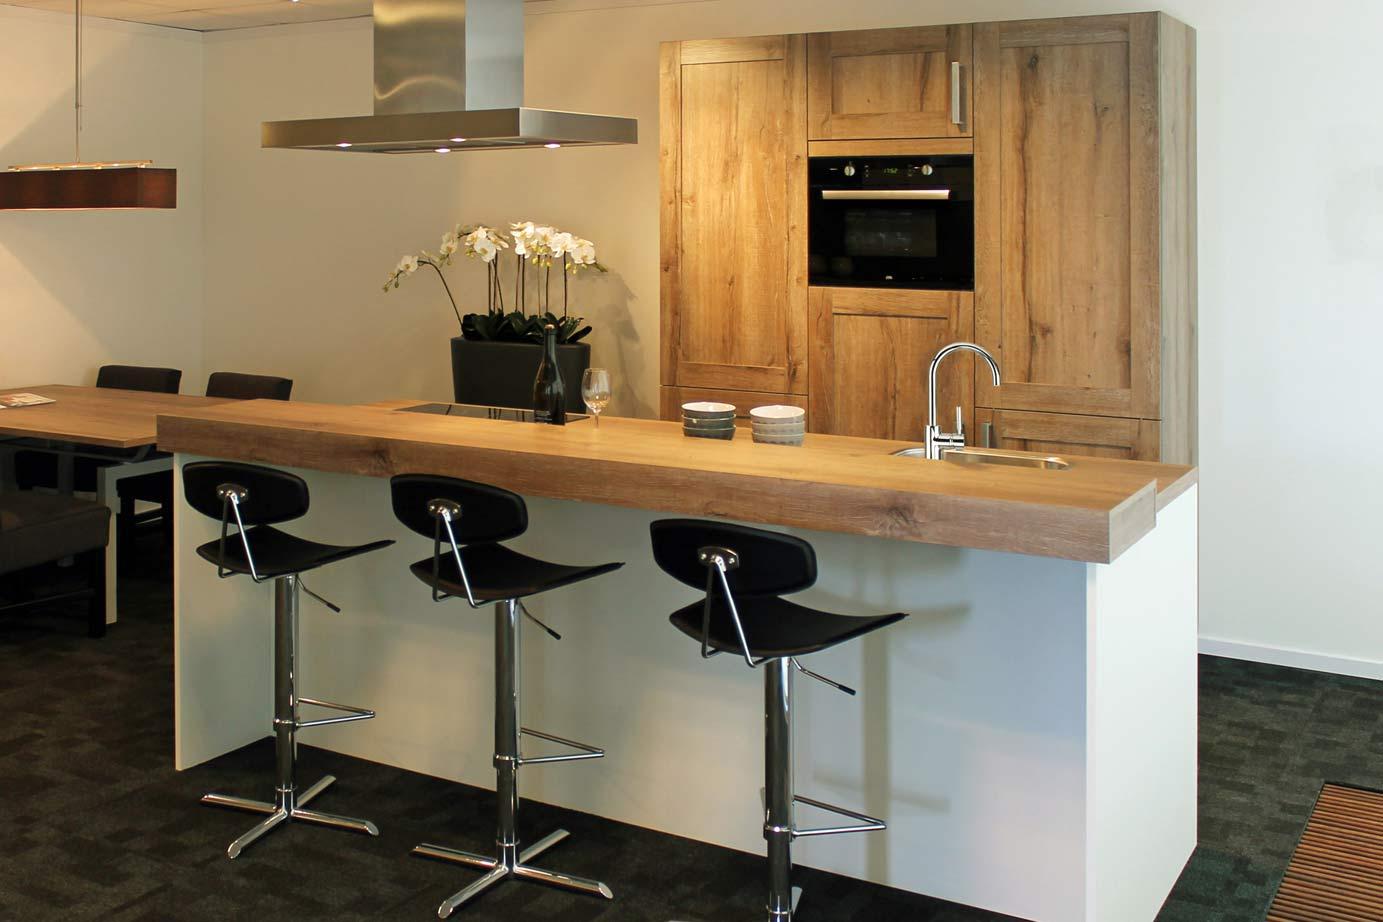 Moderne Keuken Met Kookeiland : Keuken met kookeiland! Compleet met apparatuur. – DB Keukens